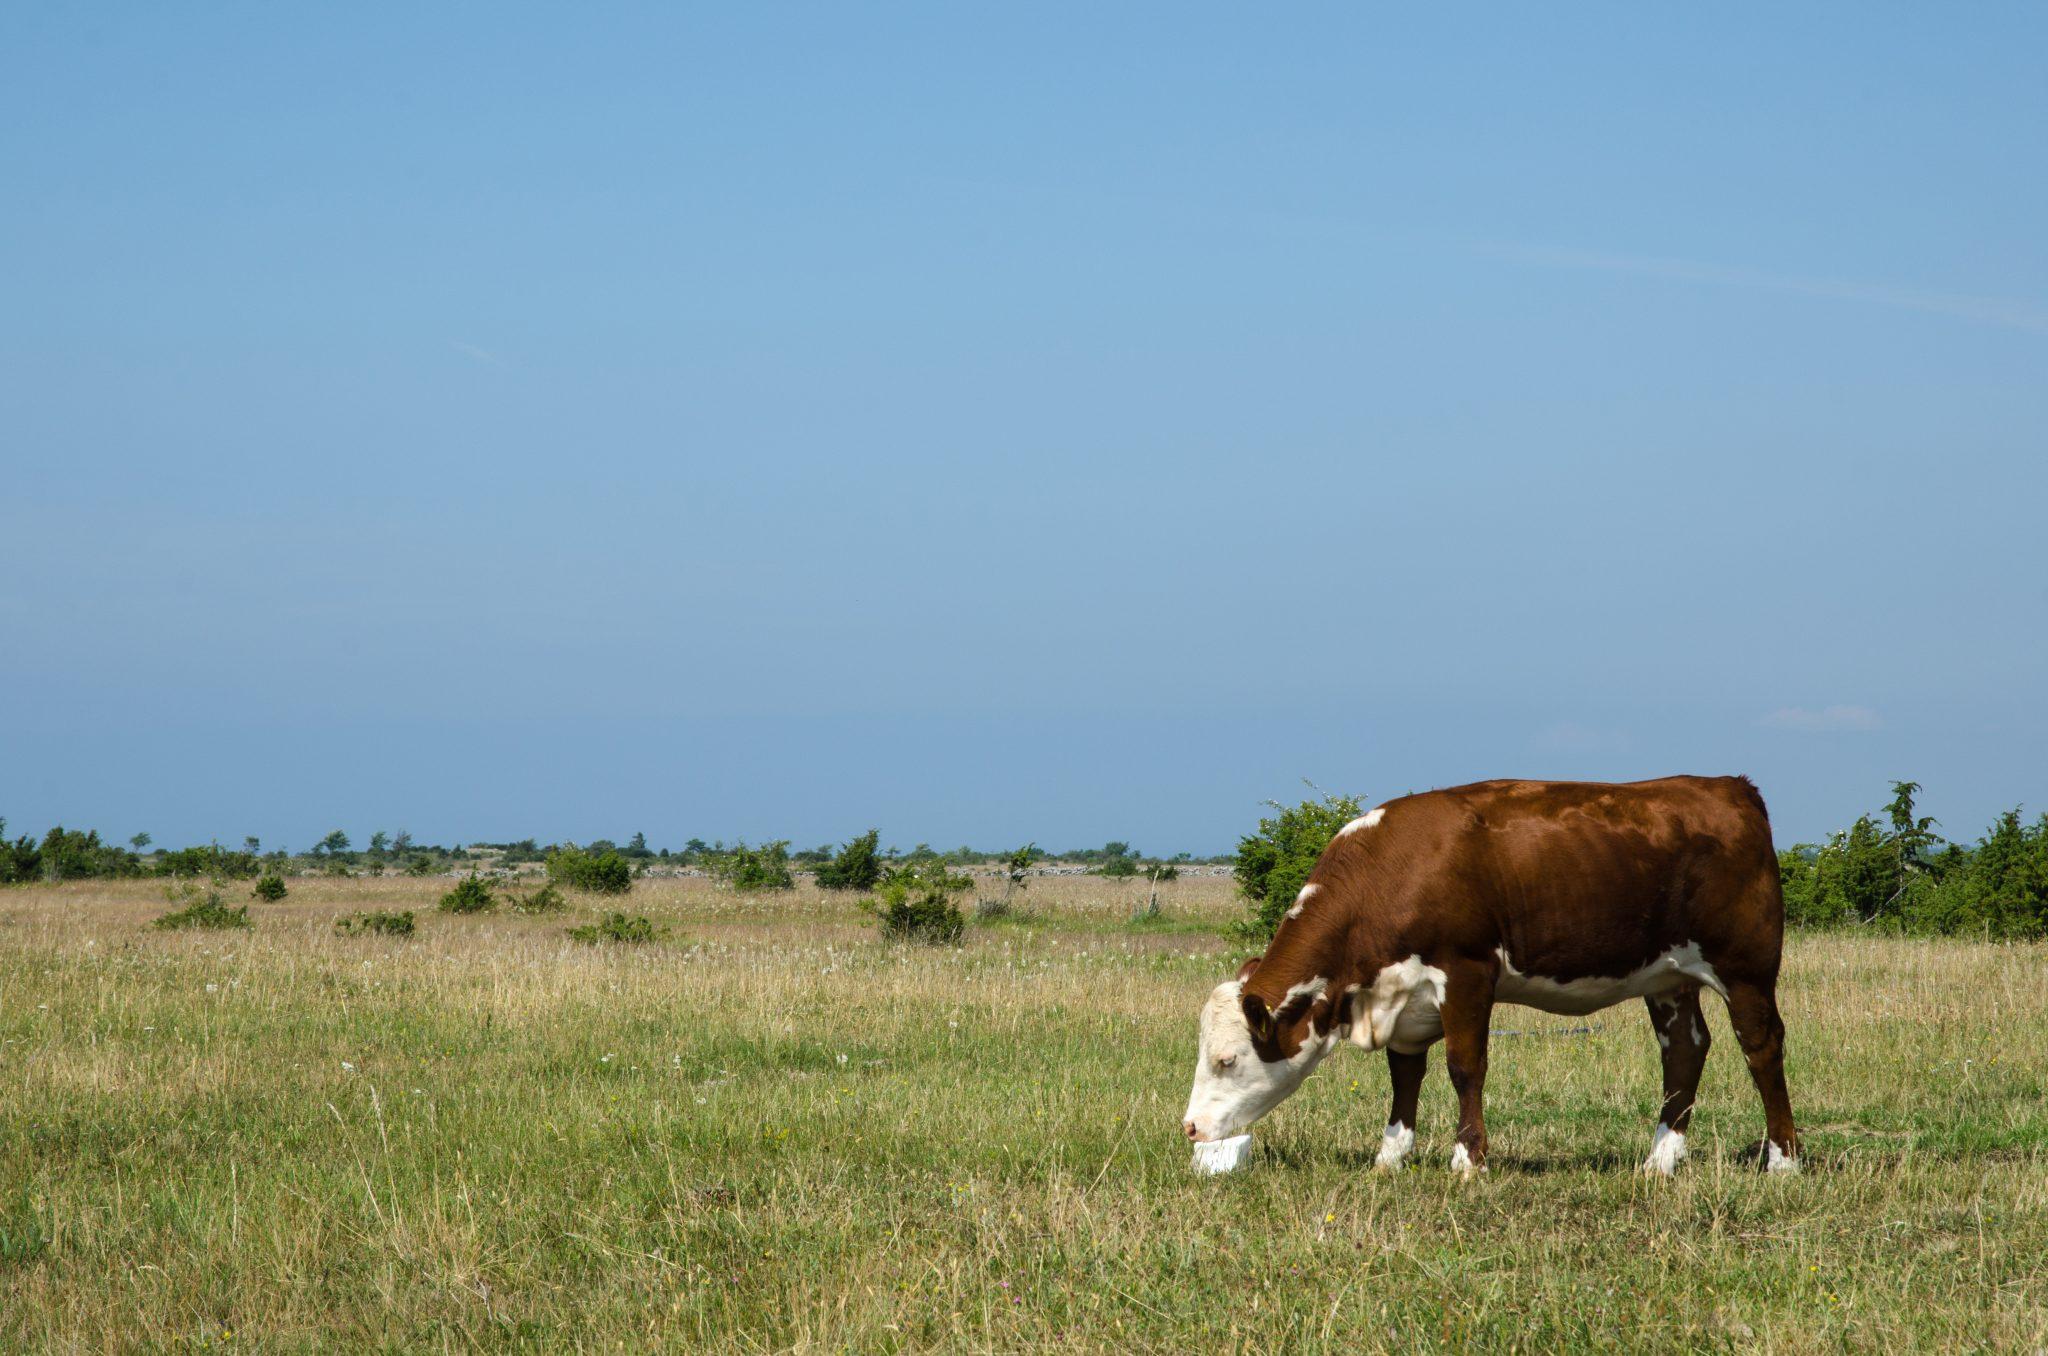 cattle licking a salt block